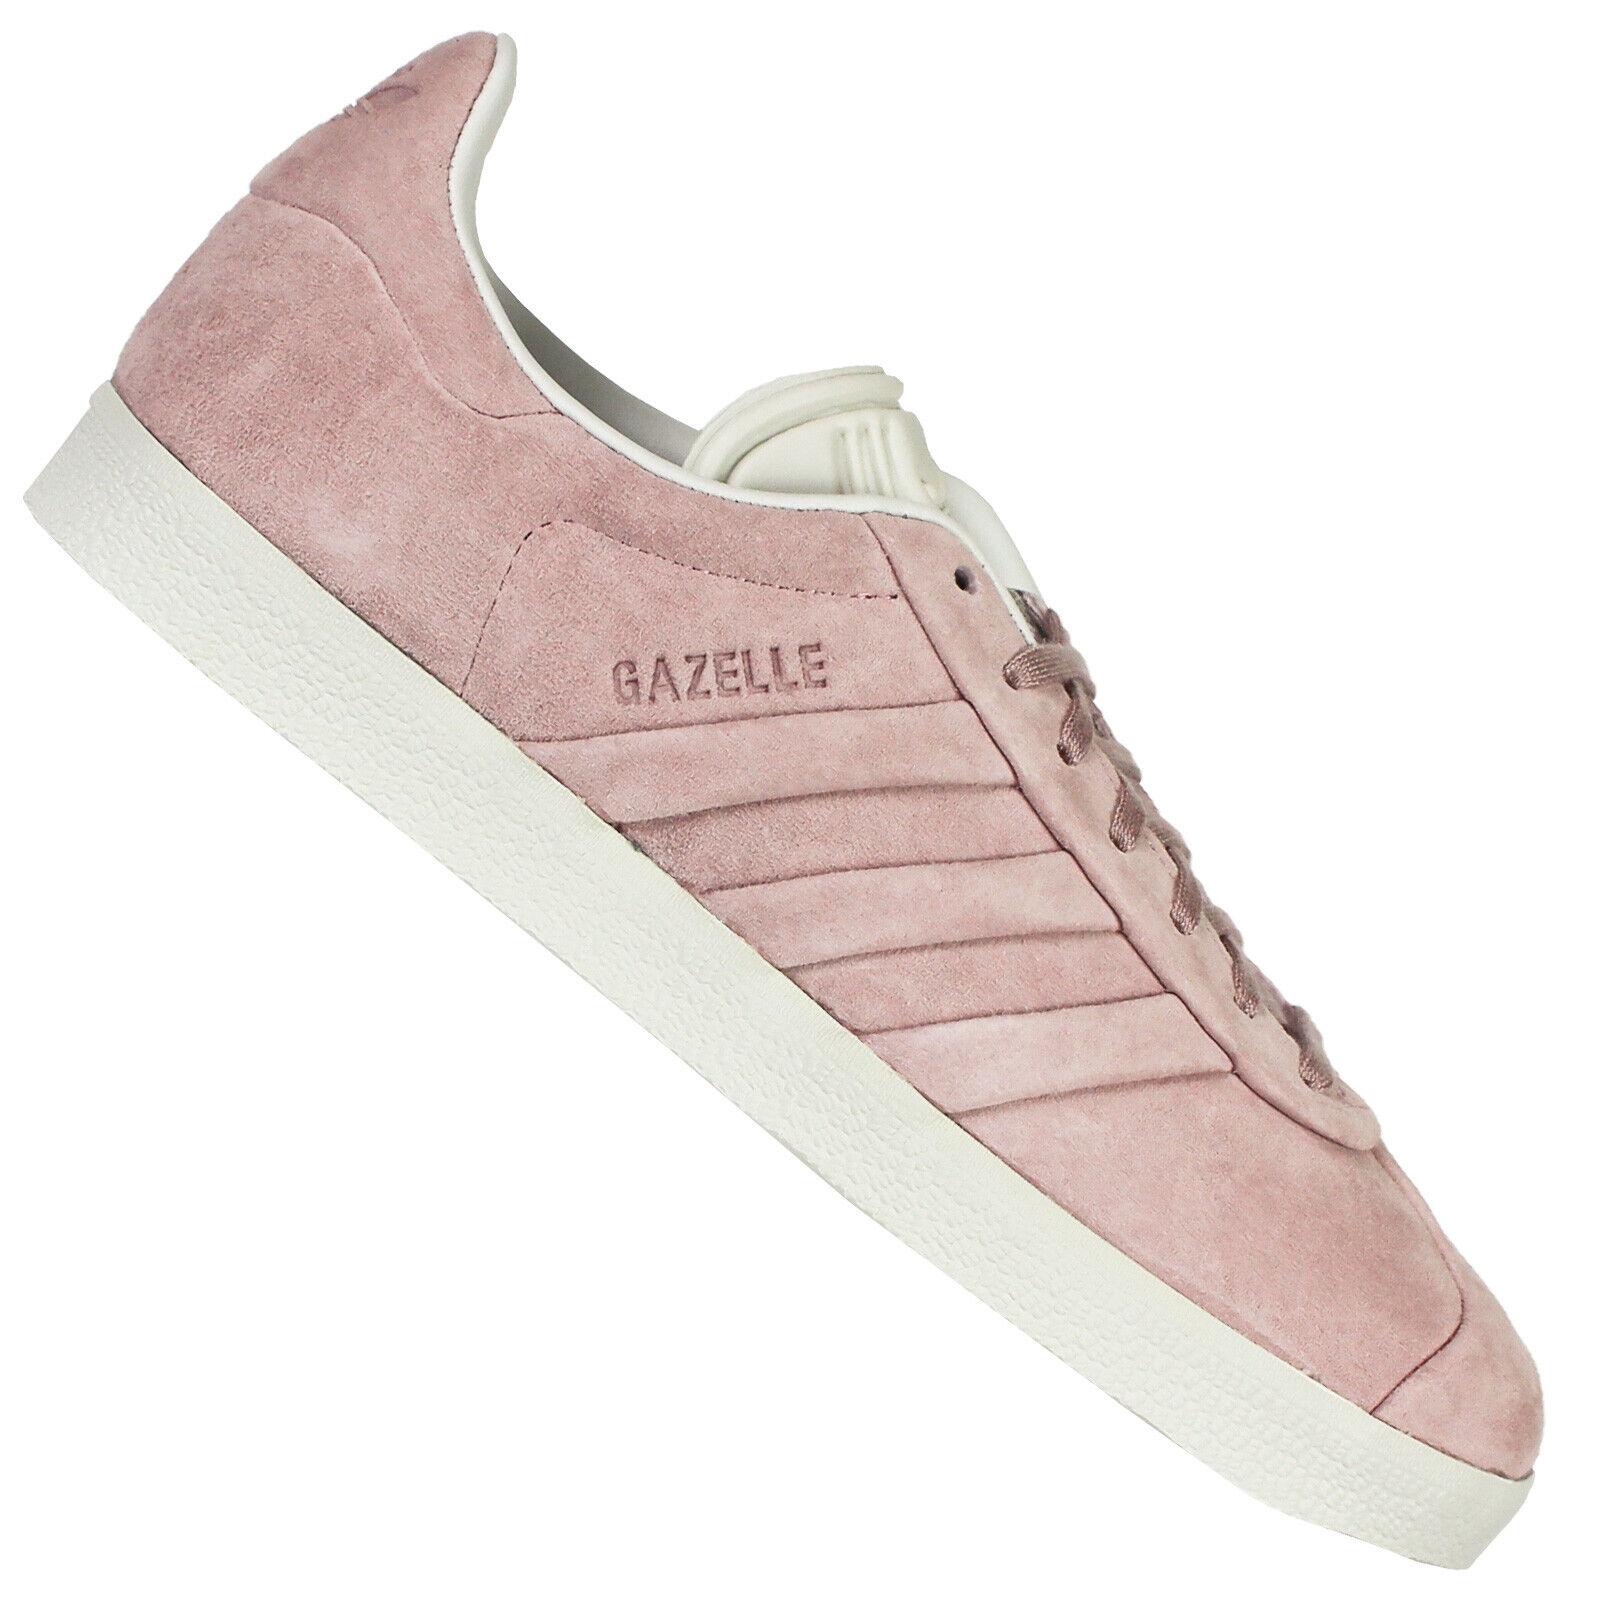 Adidas Originals Gazelle Premium Scamosciato Pelle